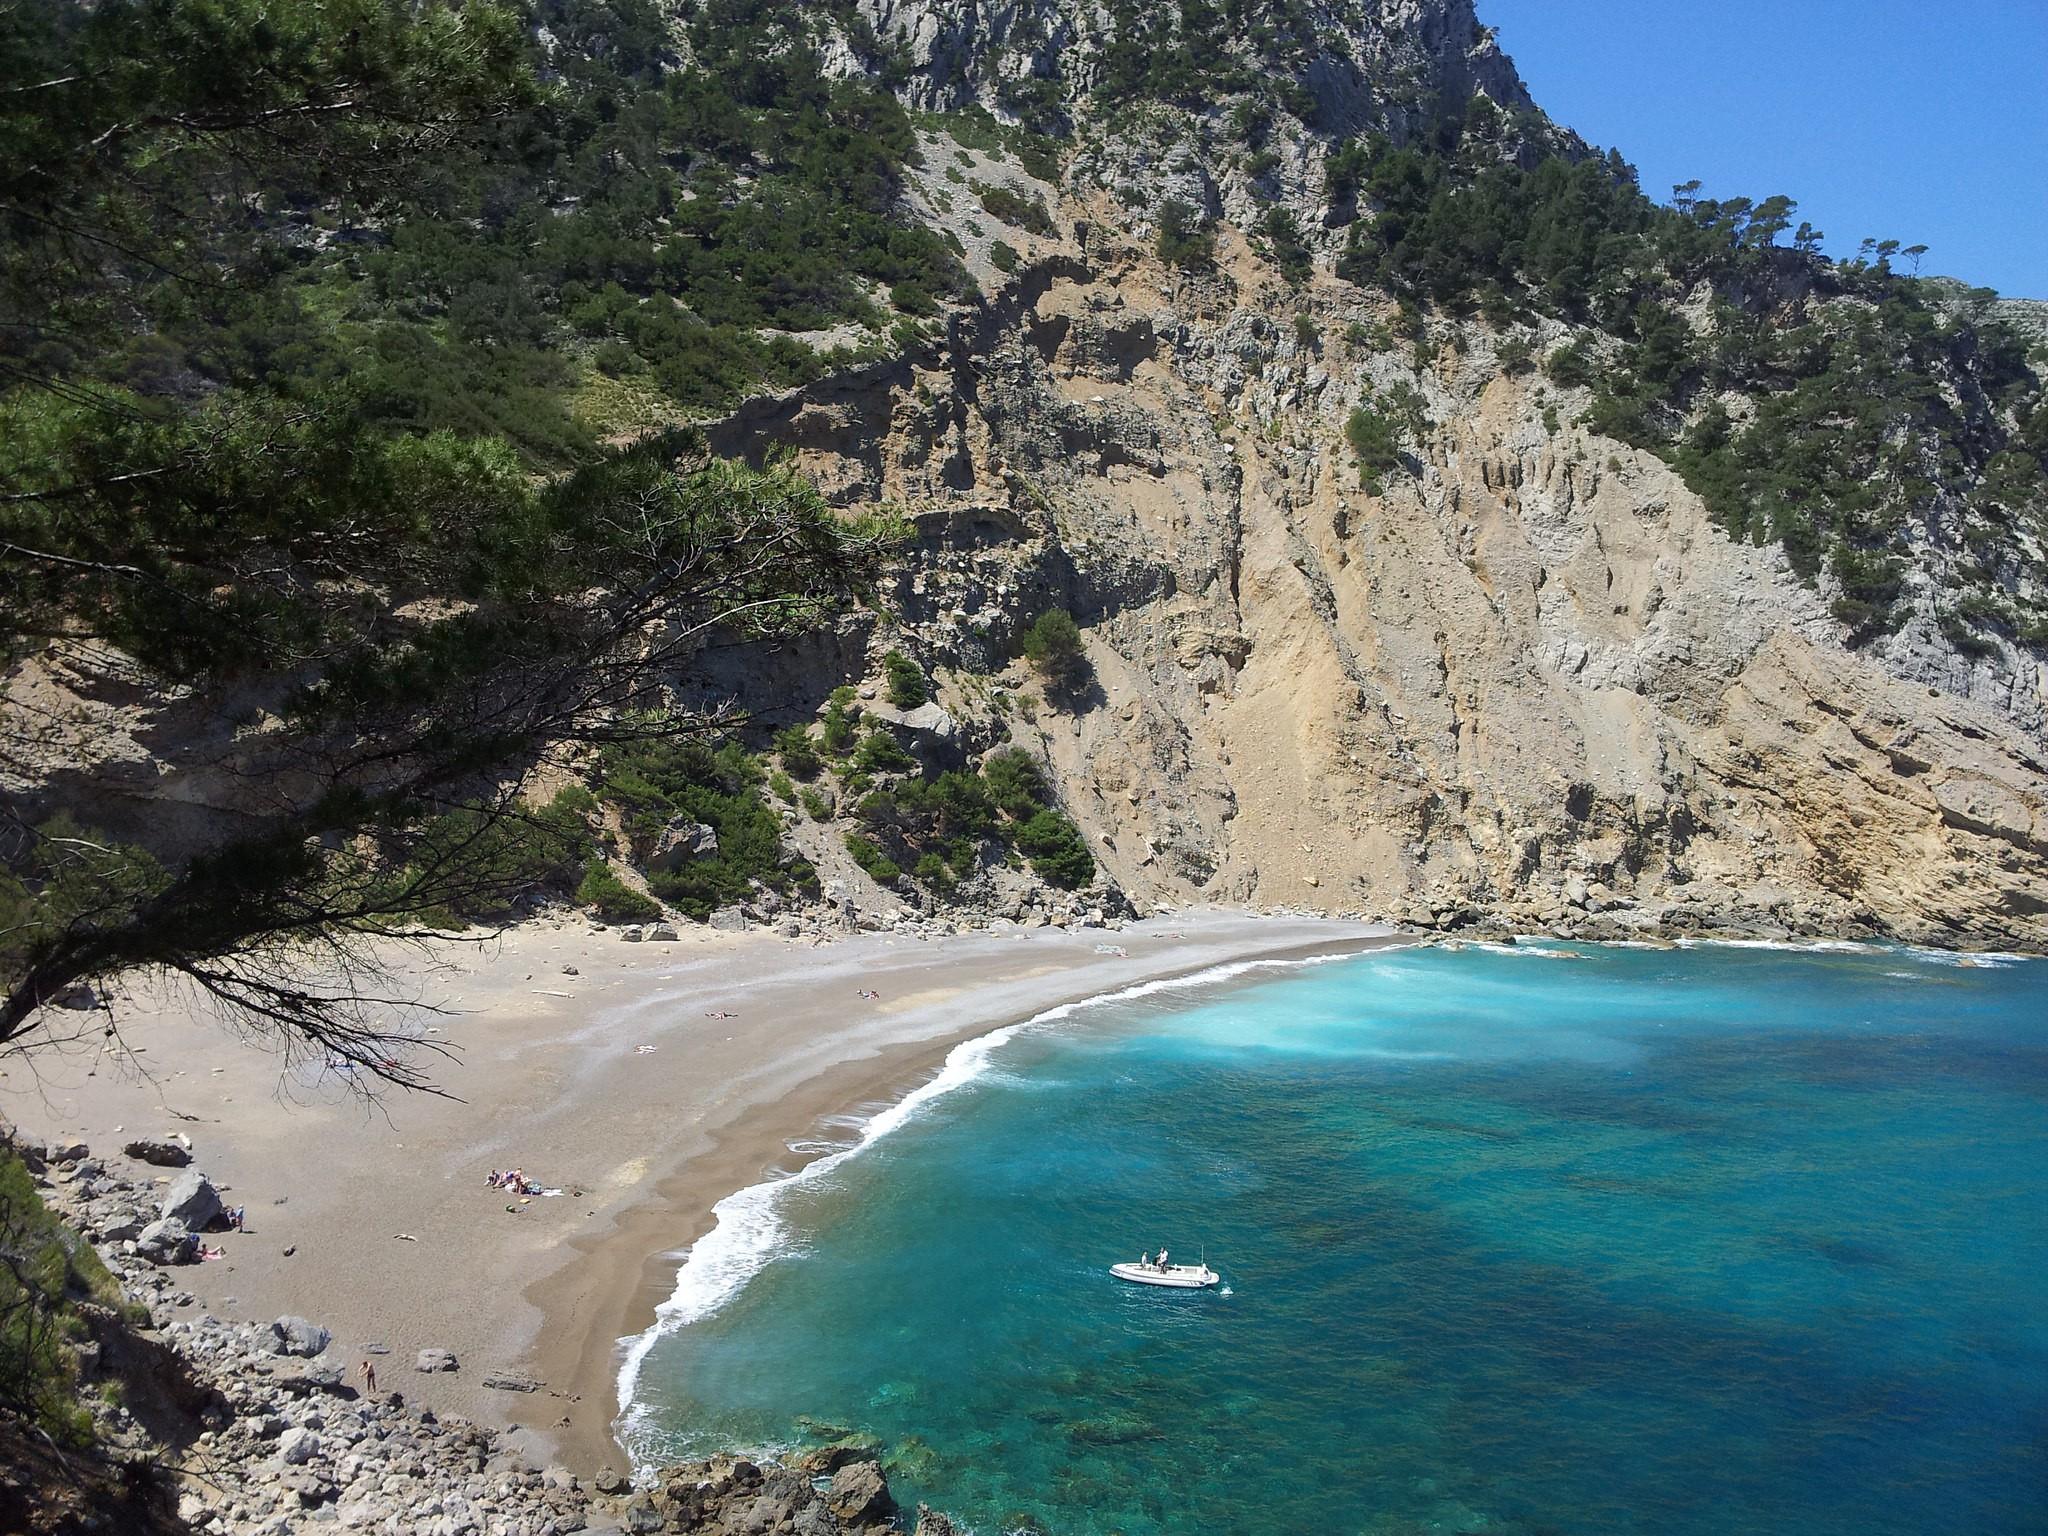 © Follow me to Mallorca / Flickr